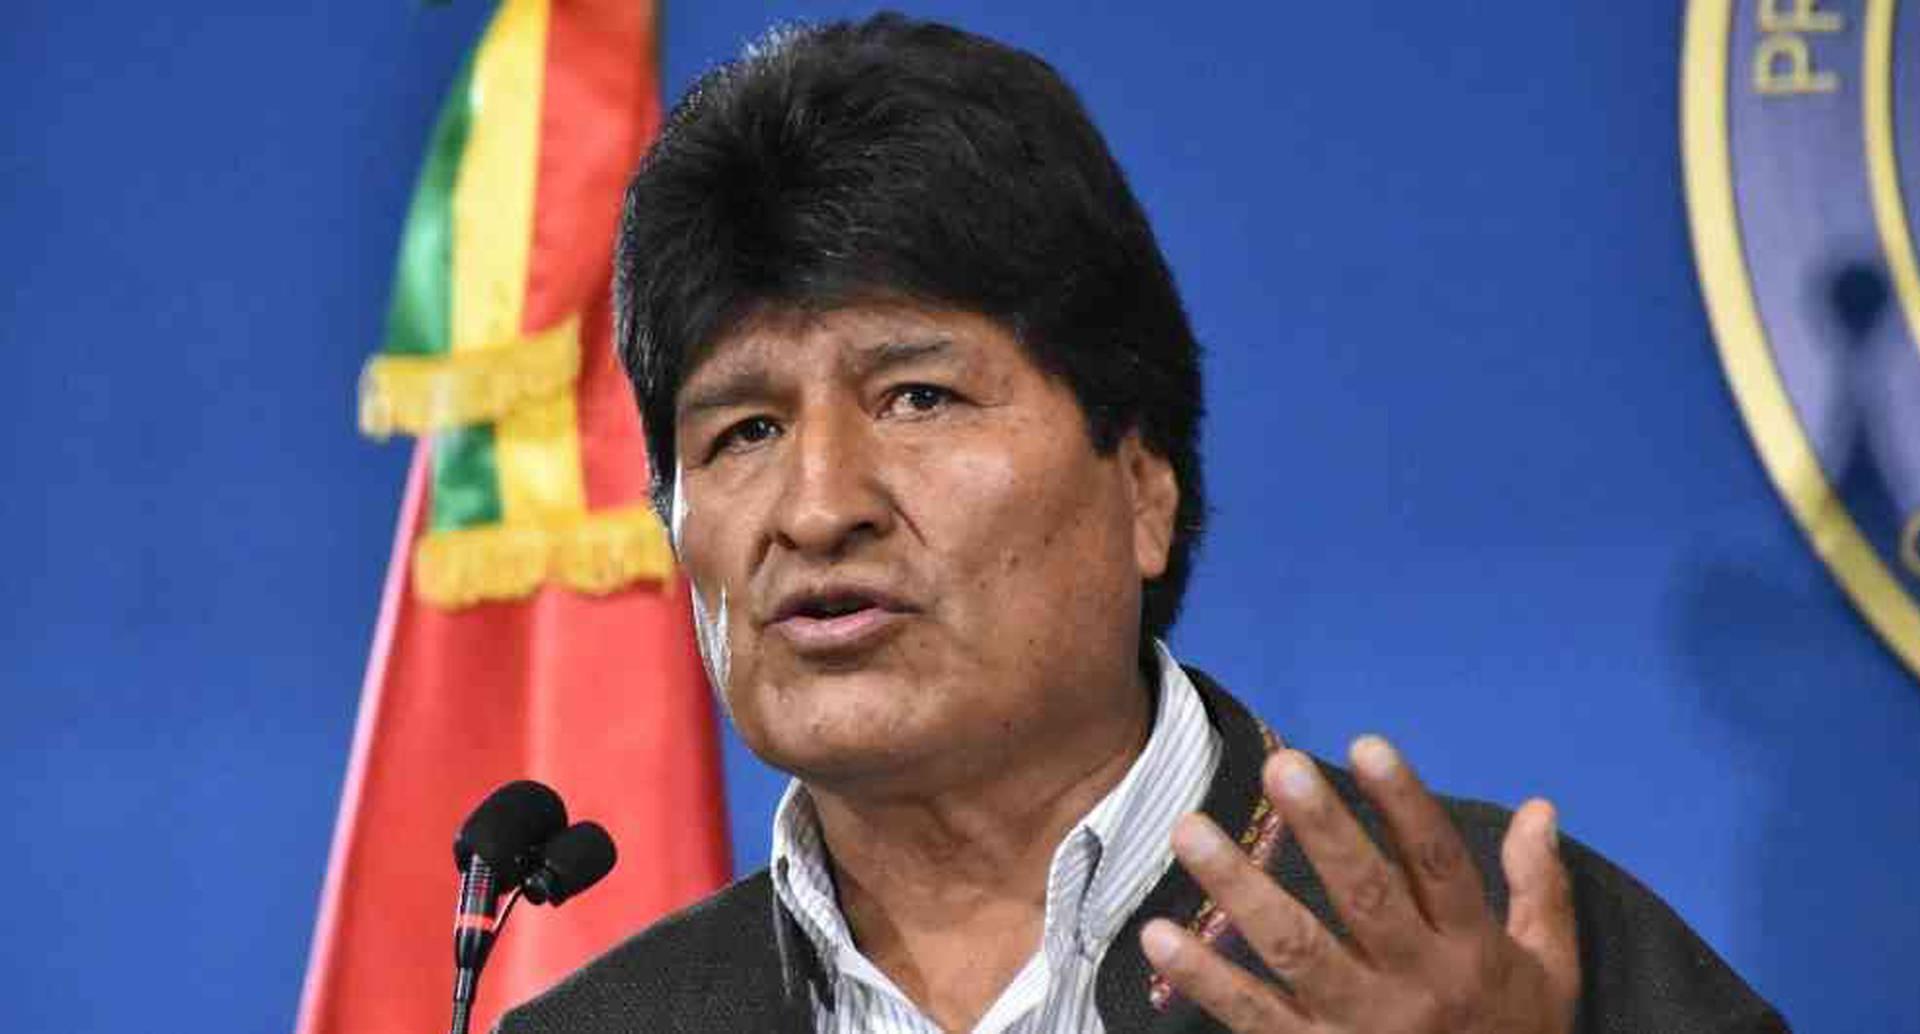 Evo Morales expresidente de Bolivia. Foto: AFP